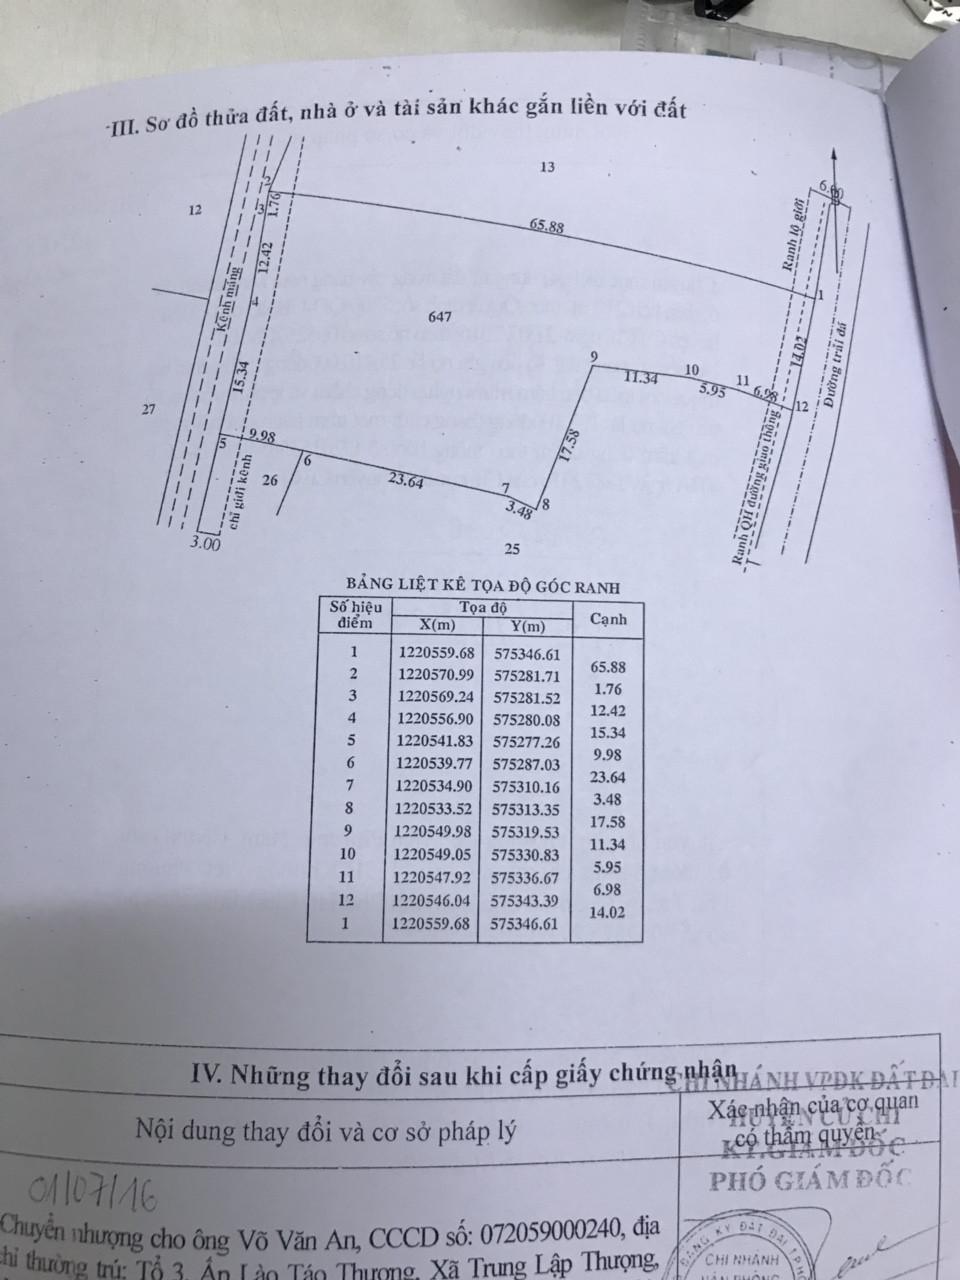 Đất Củ Chi - TP. Hồ Chí Minh tăng giá dựng đứng(2)